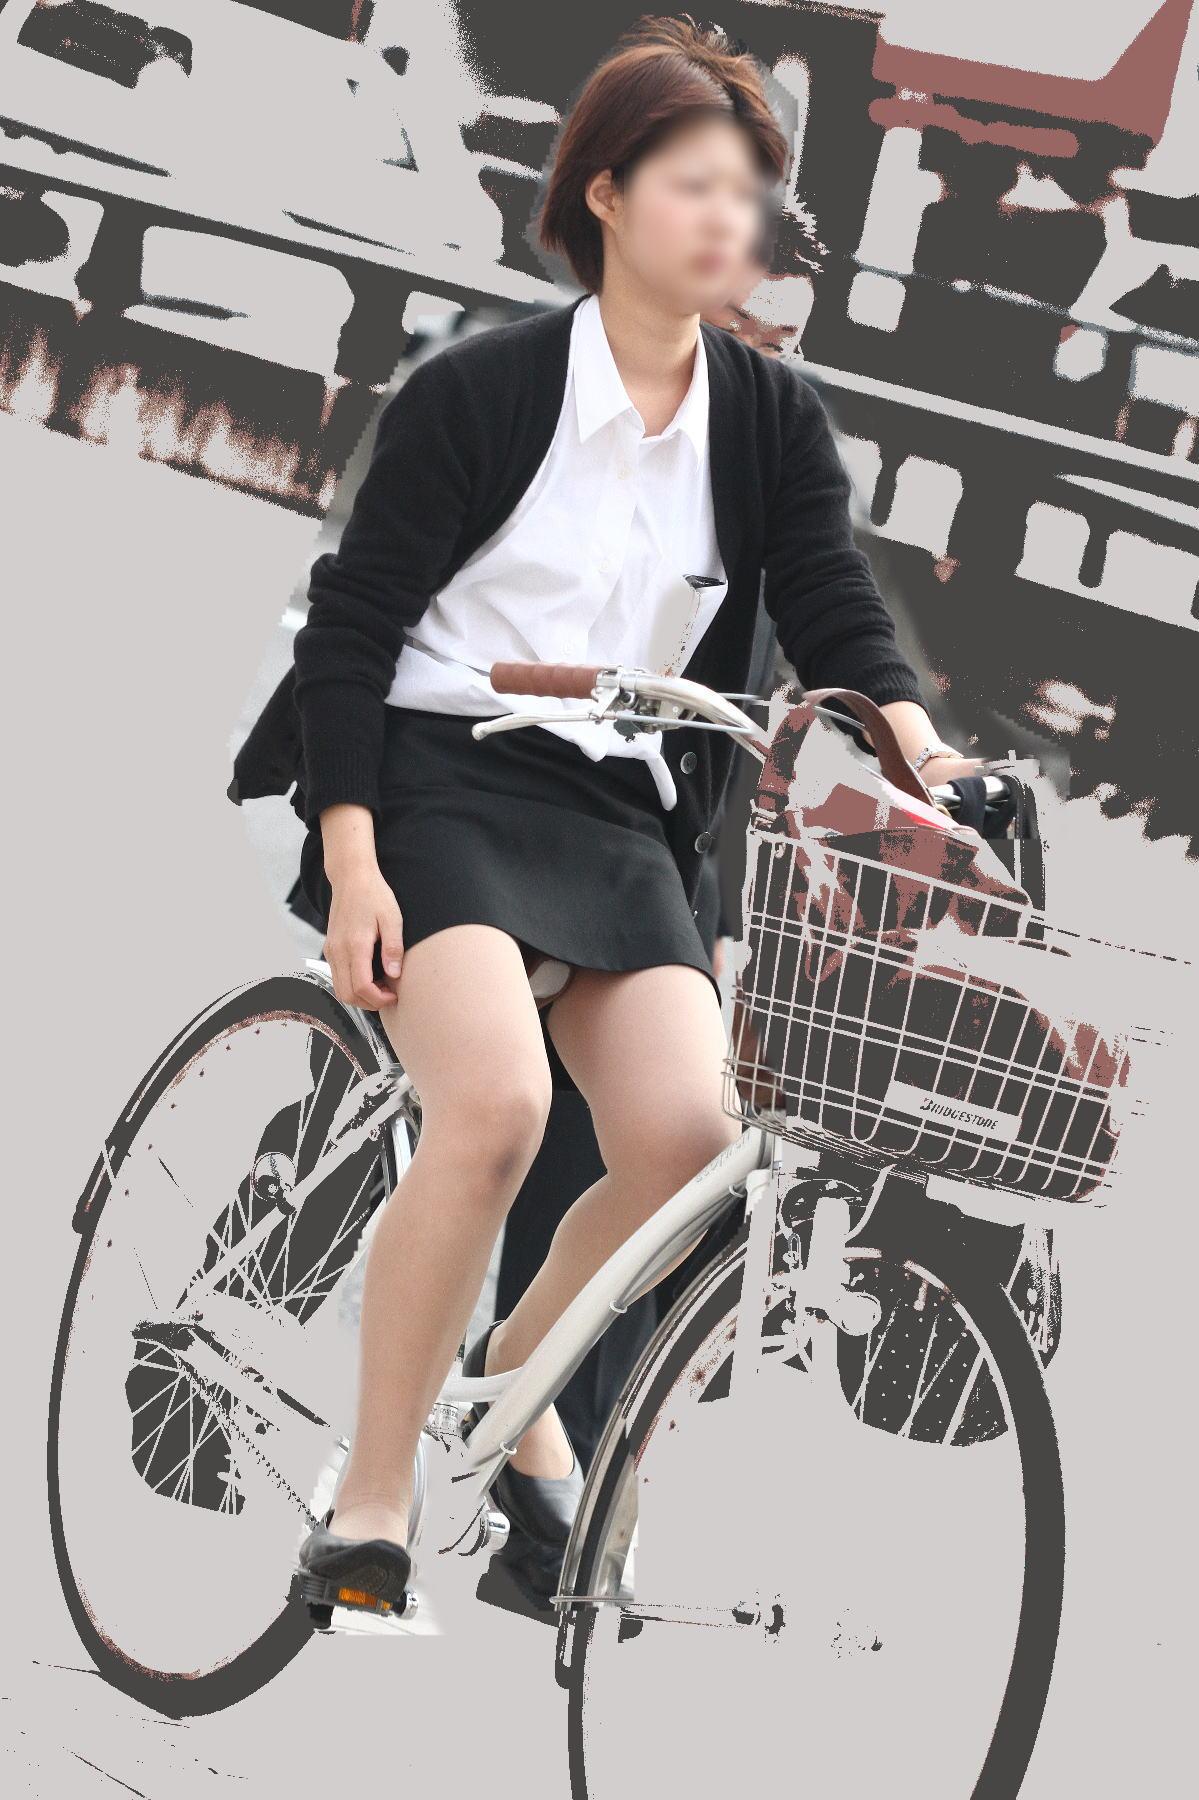 OLのたくし上りタイトスカートリクスー自転車エロ画像5枚目